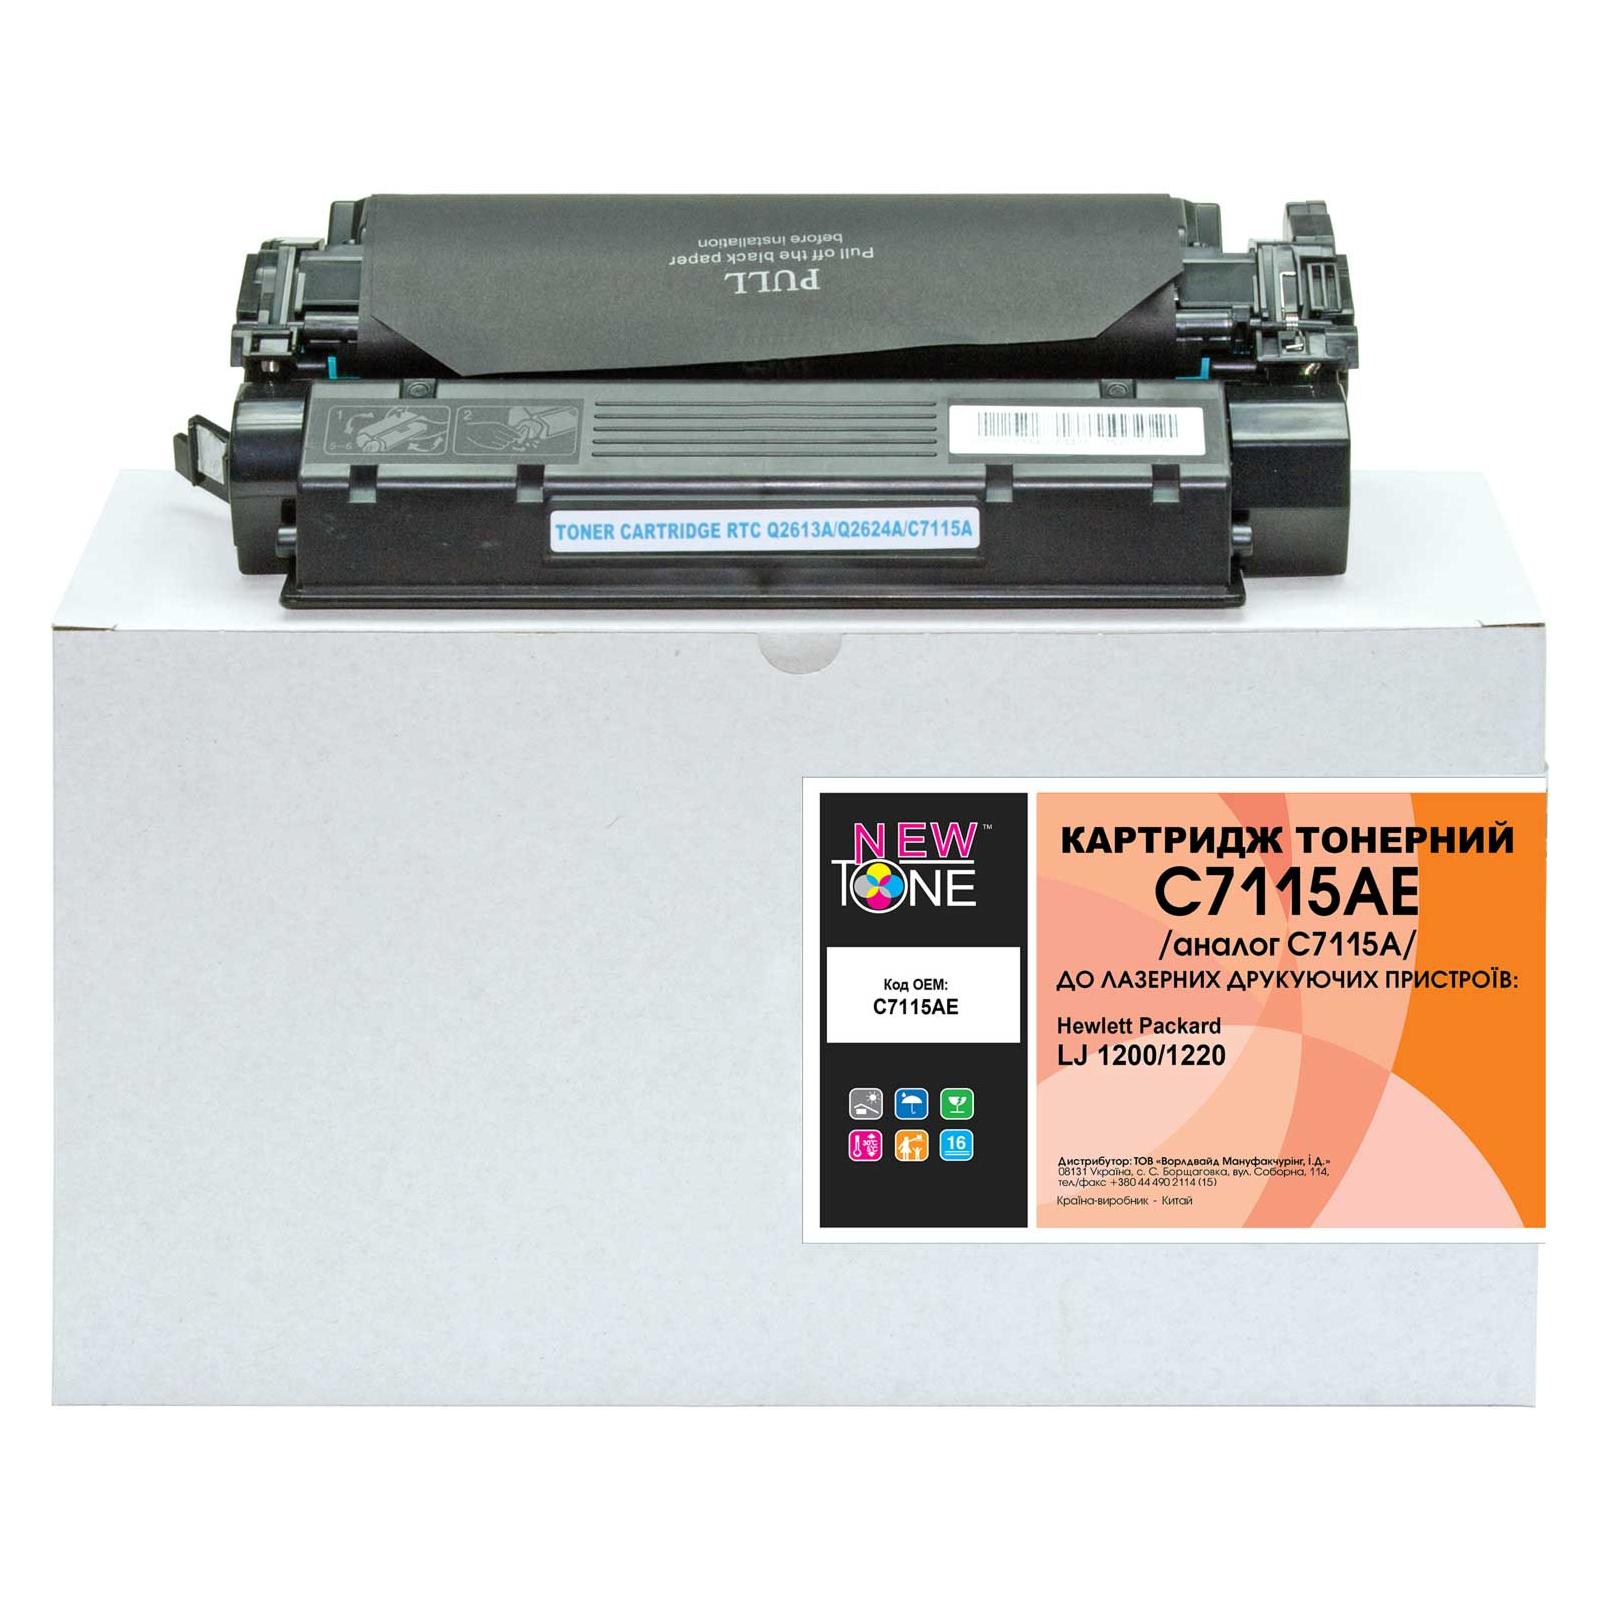 Картридж NewTone для HP LJ 1200/1220 (C7115AE)